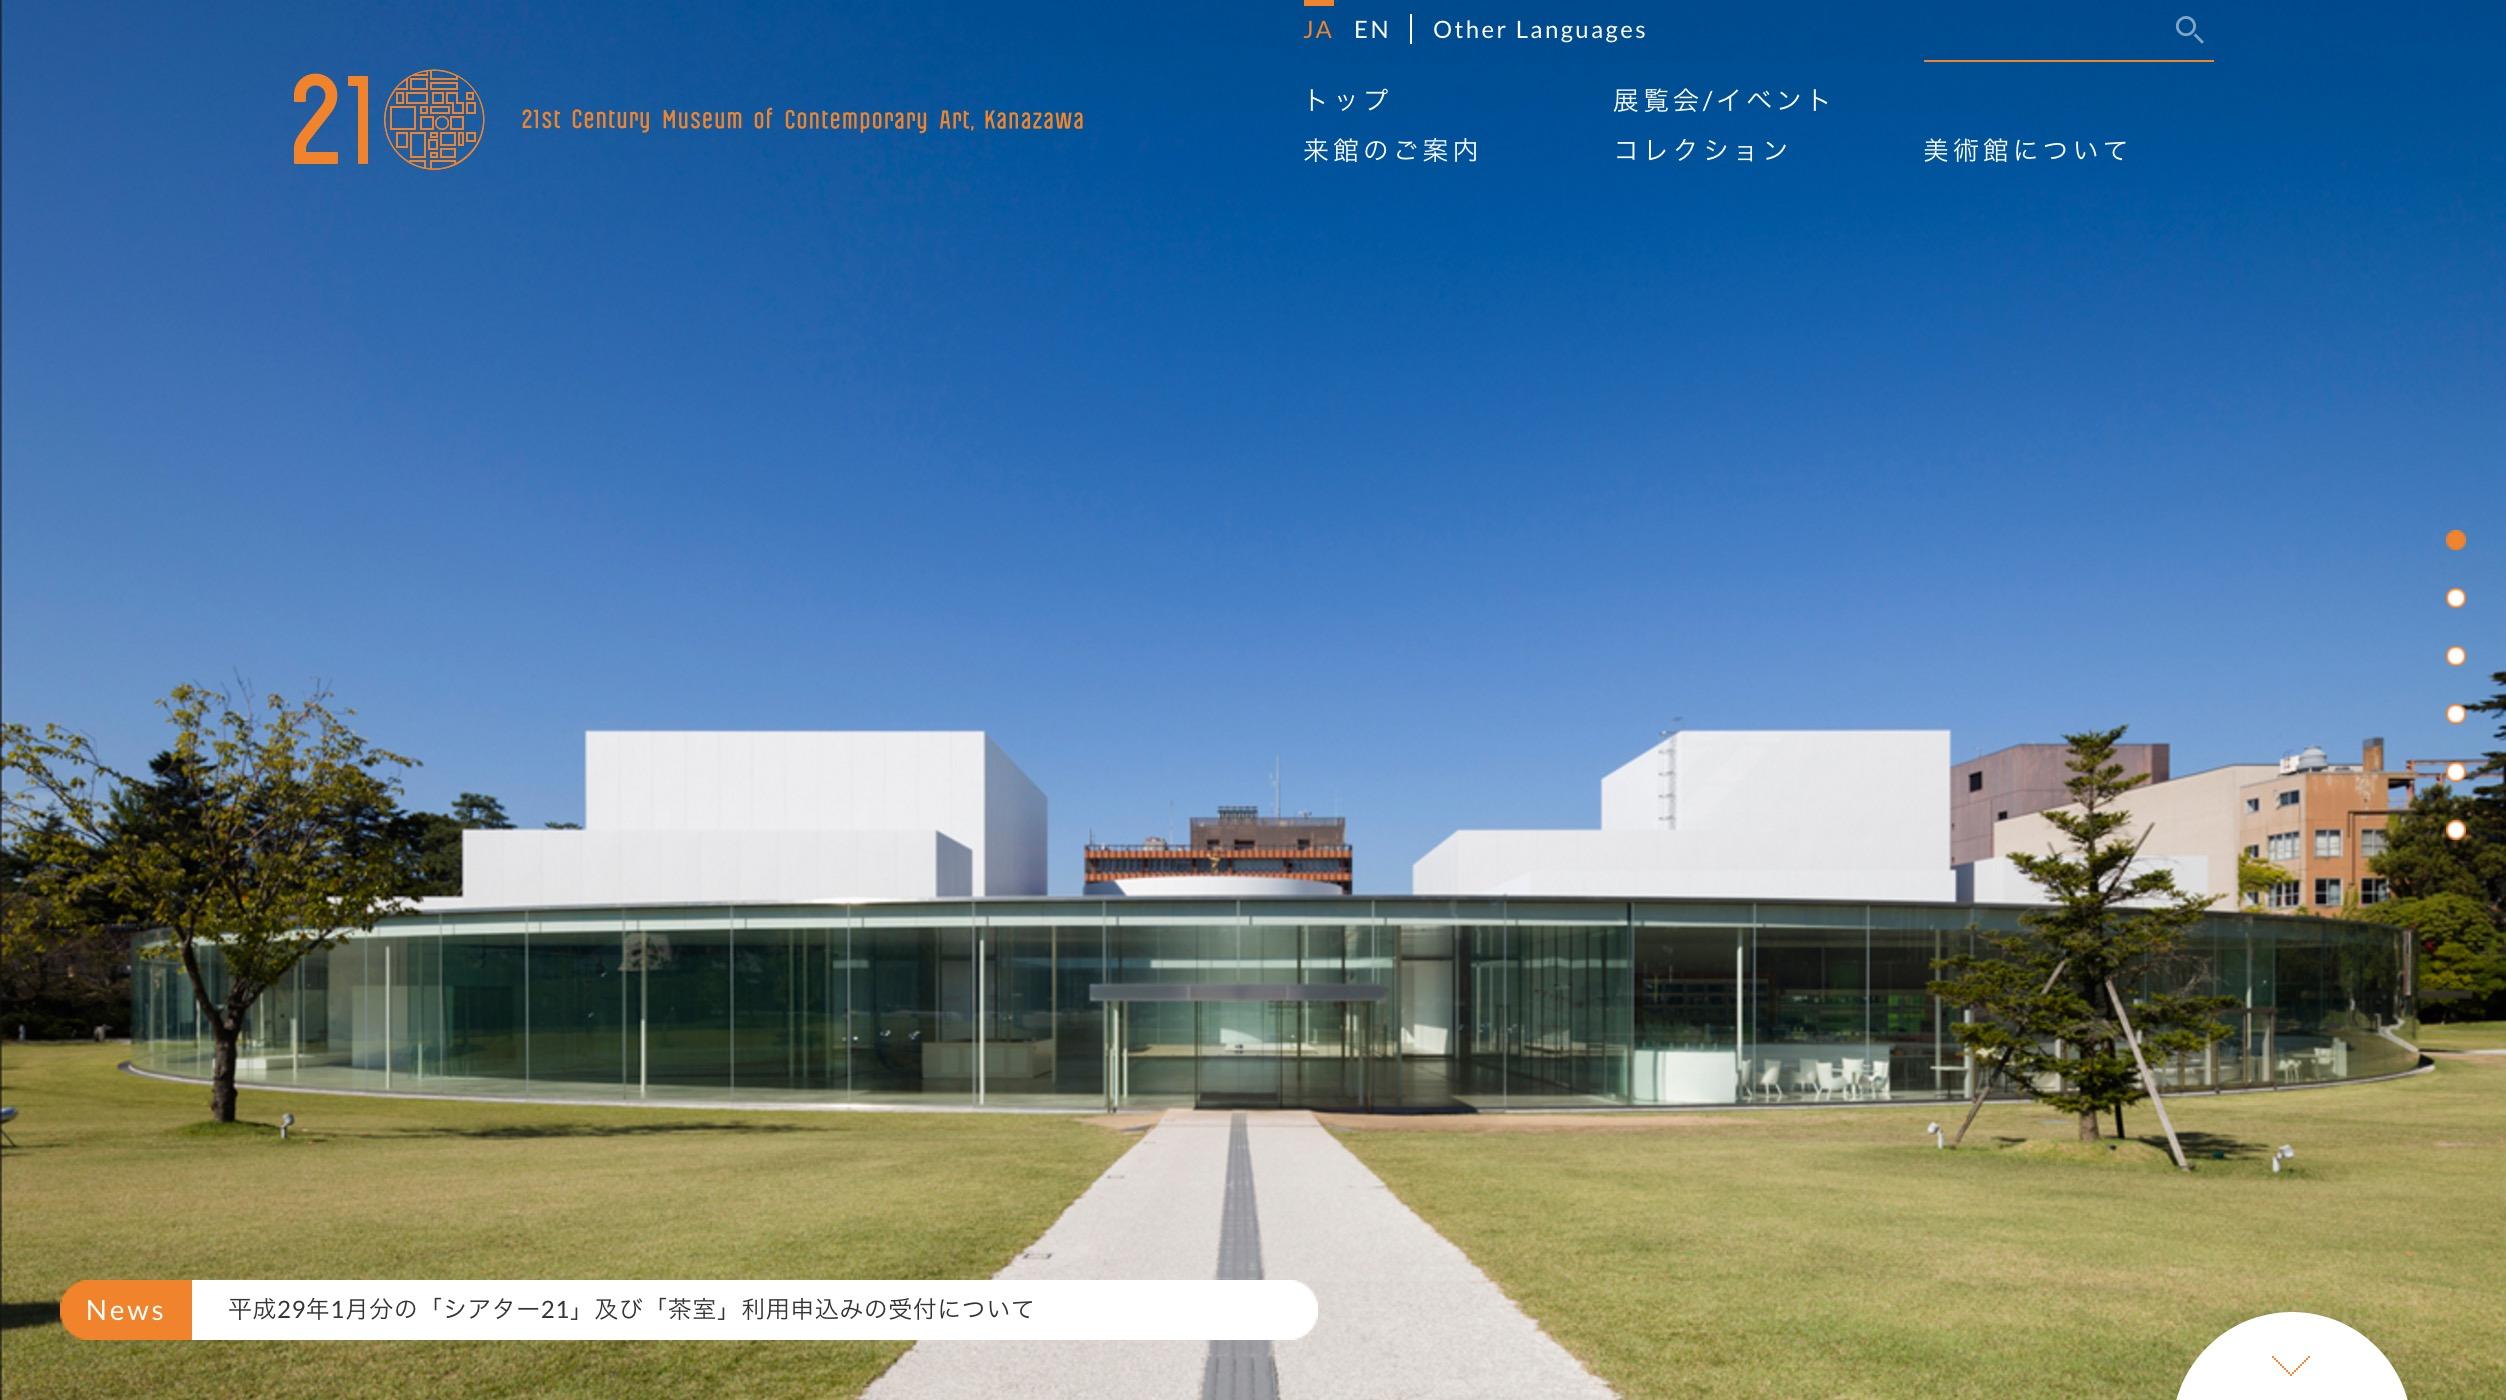 金沢21世紀美術館   21st Century Museum of Contemporary Art  Kanazawa